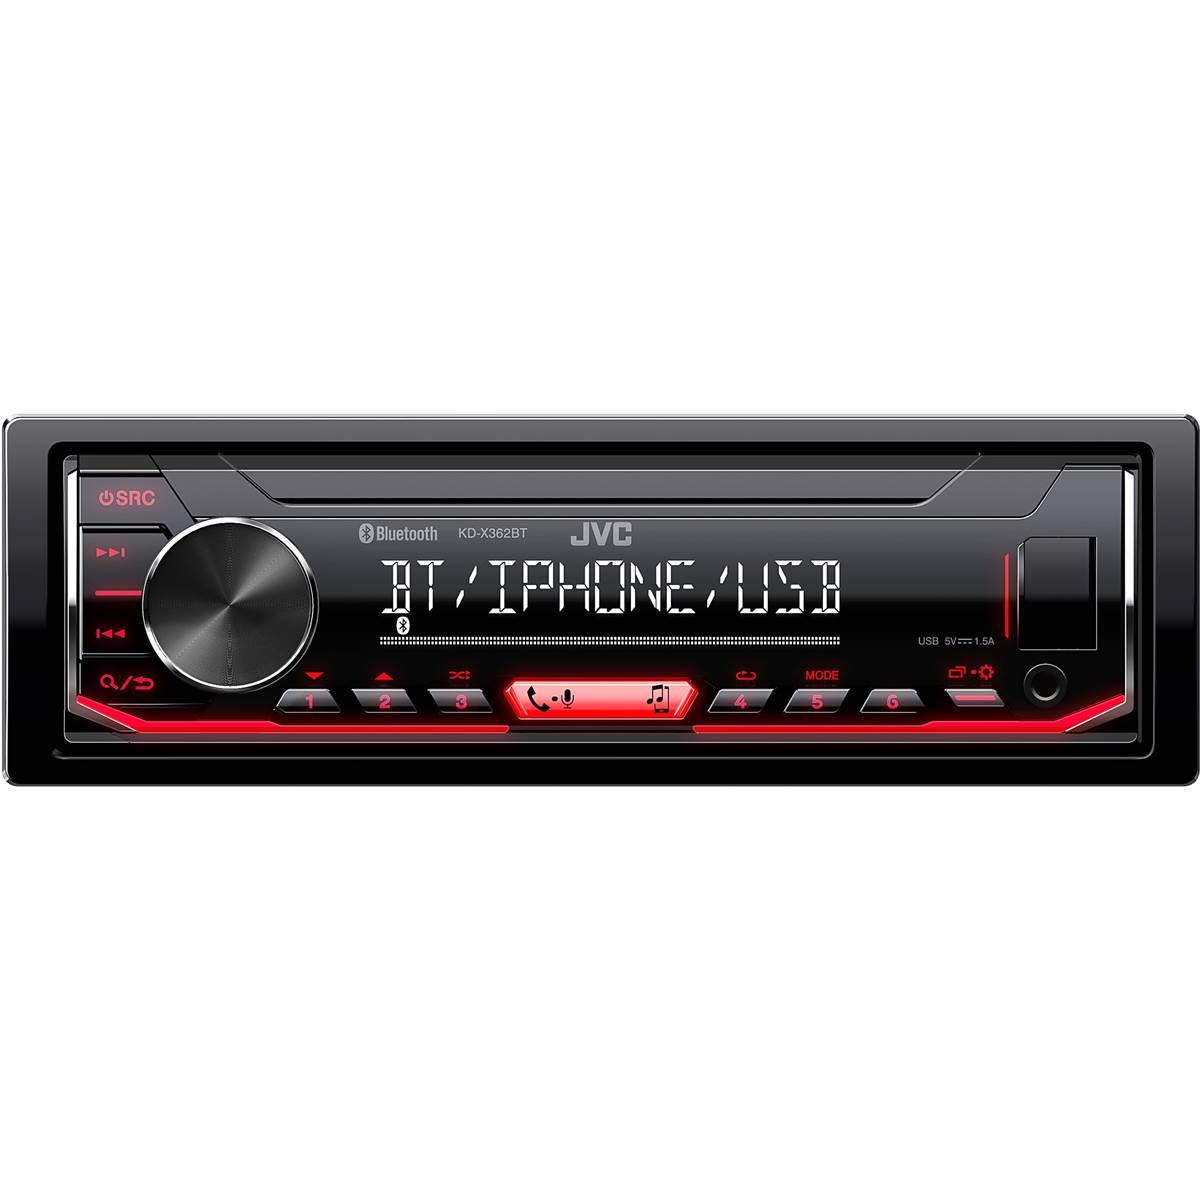 Autoradio JVC KD-X362BT - Bluetooth, sans cd (Via ODR de 30€)